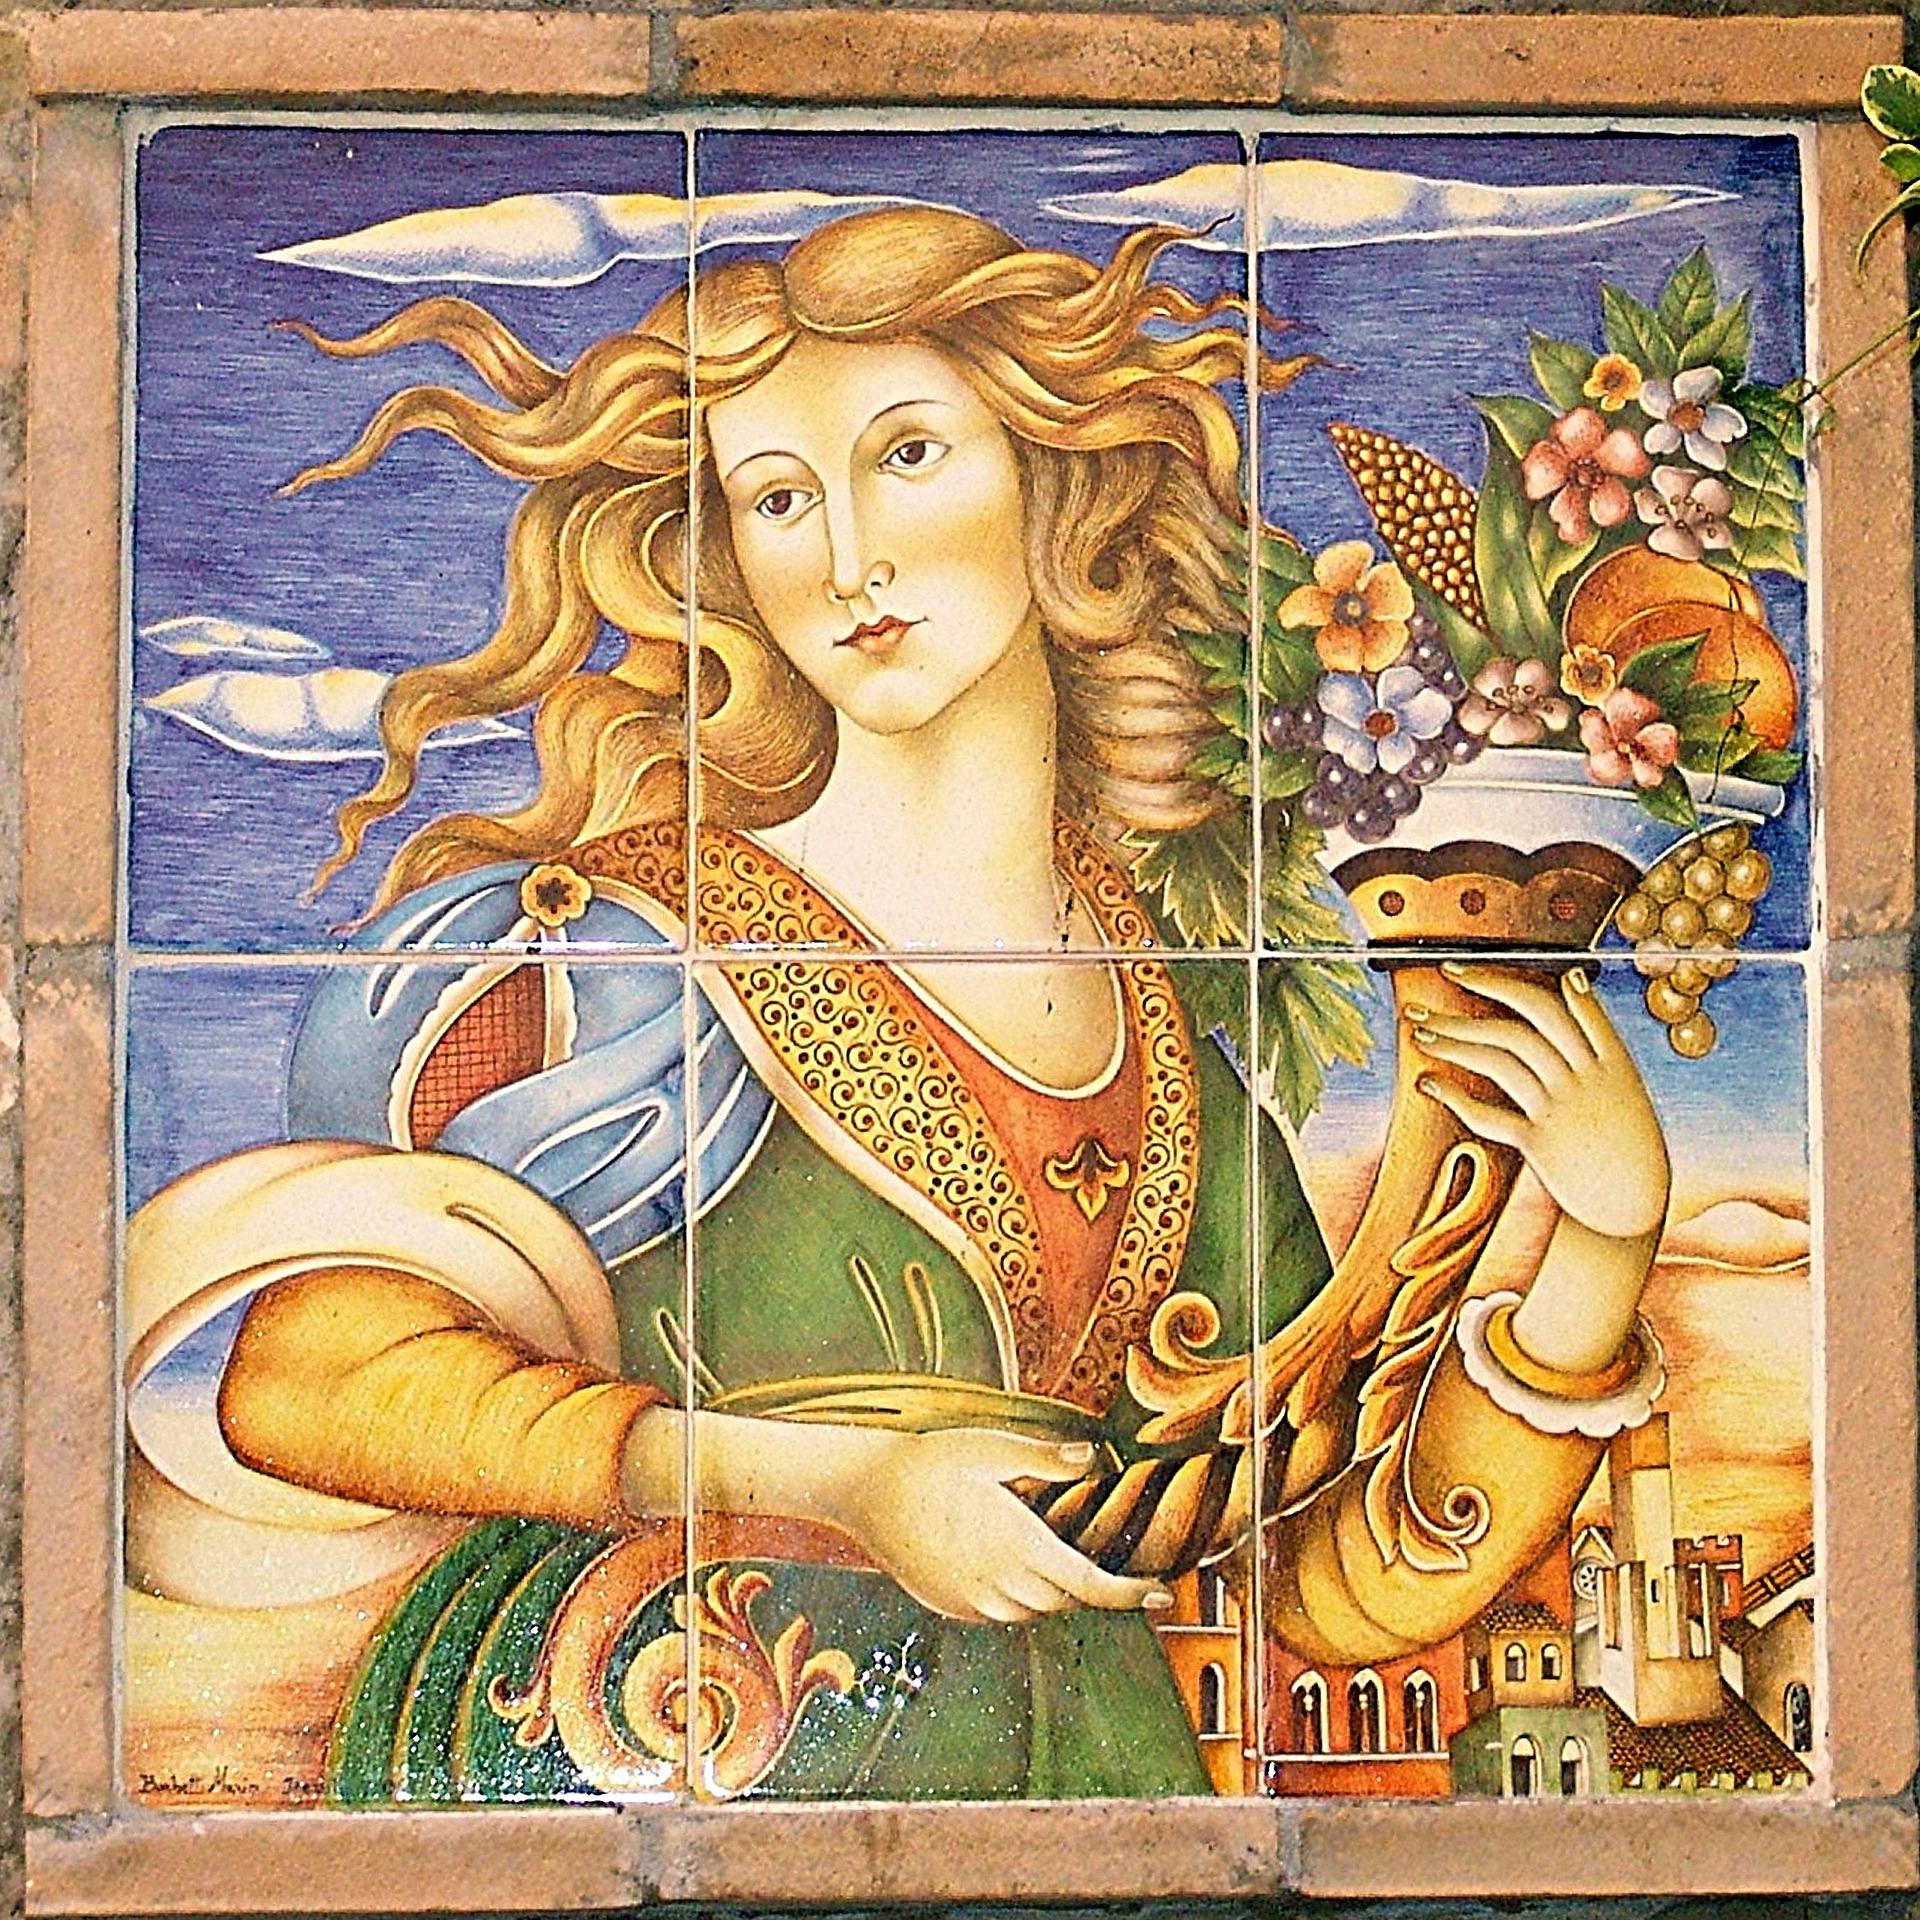 woman-404348_1920.jpg